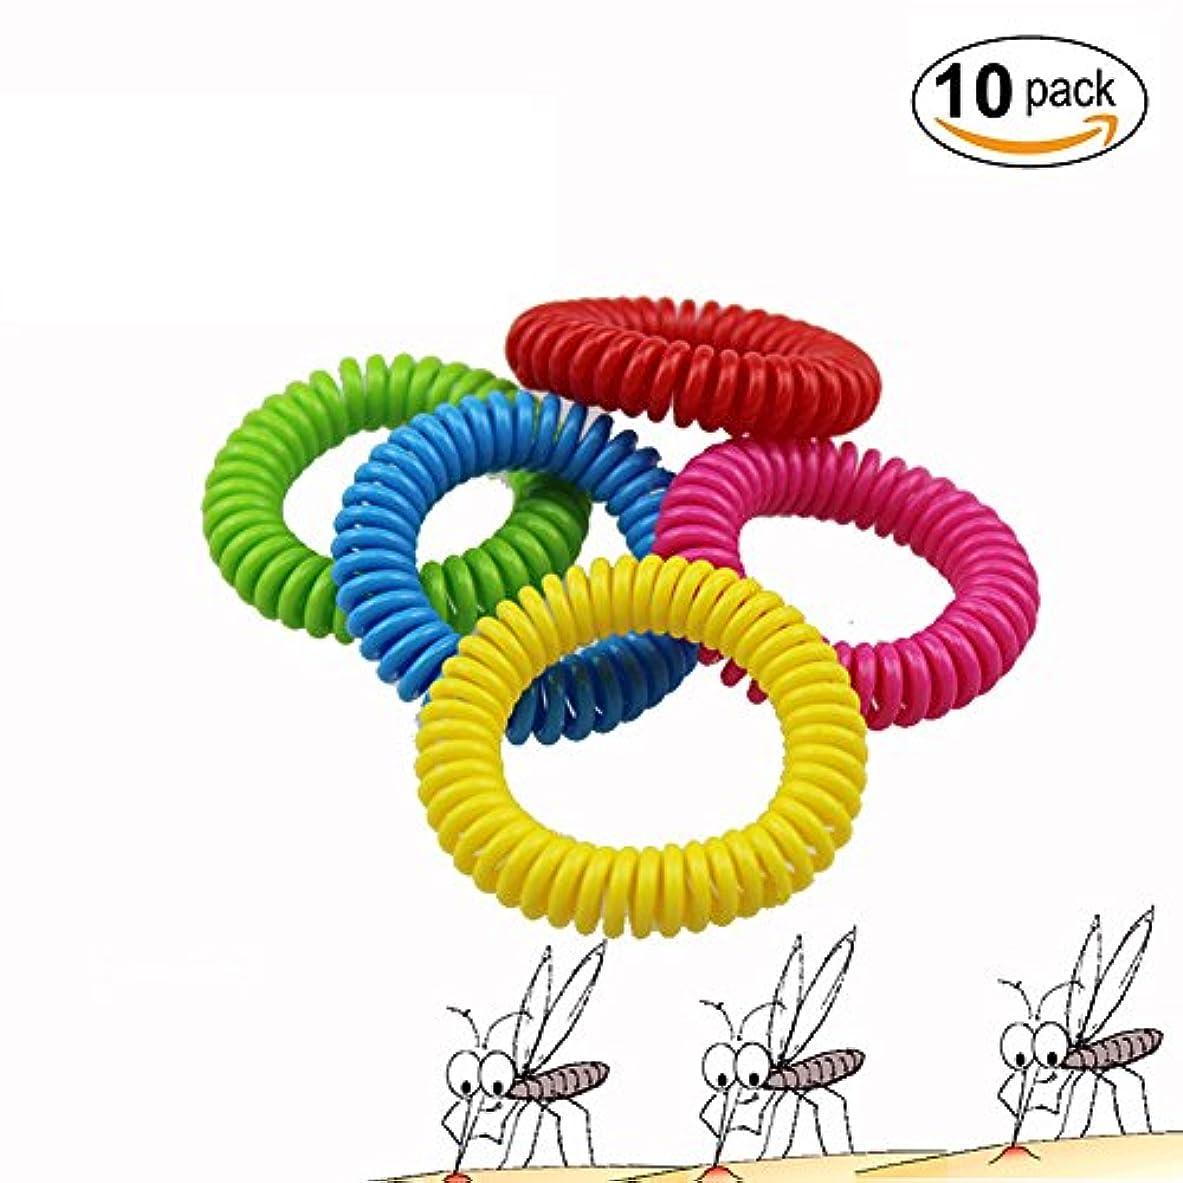 アンビエントこねる補助Funwill 蚊虫除けブレスレット 虫よけリストバンド コイル式 10個入り モスキート、昆虫、害虫、蚊忌避 100% 天然成分 安全 手軽 大人子供共用